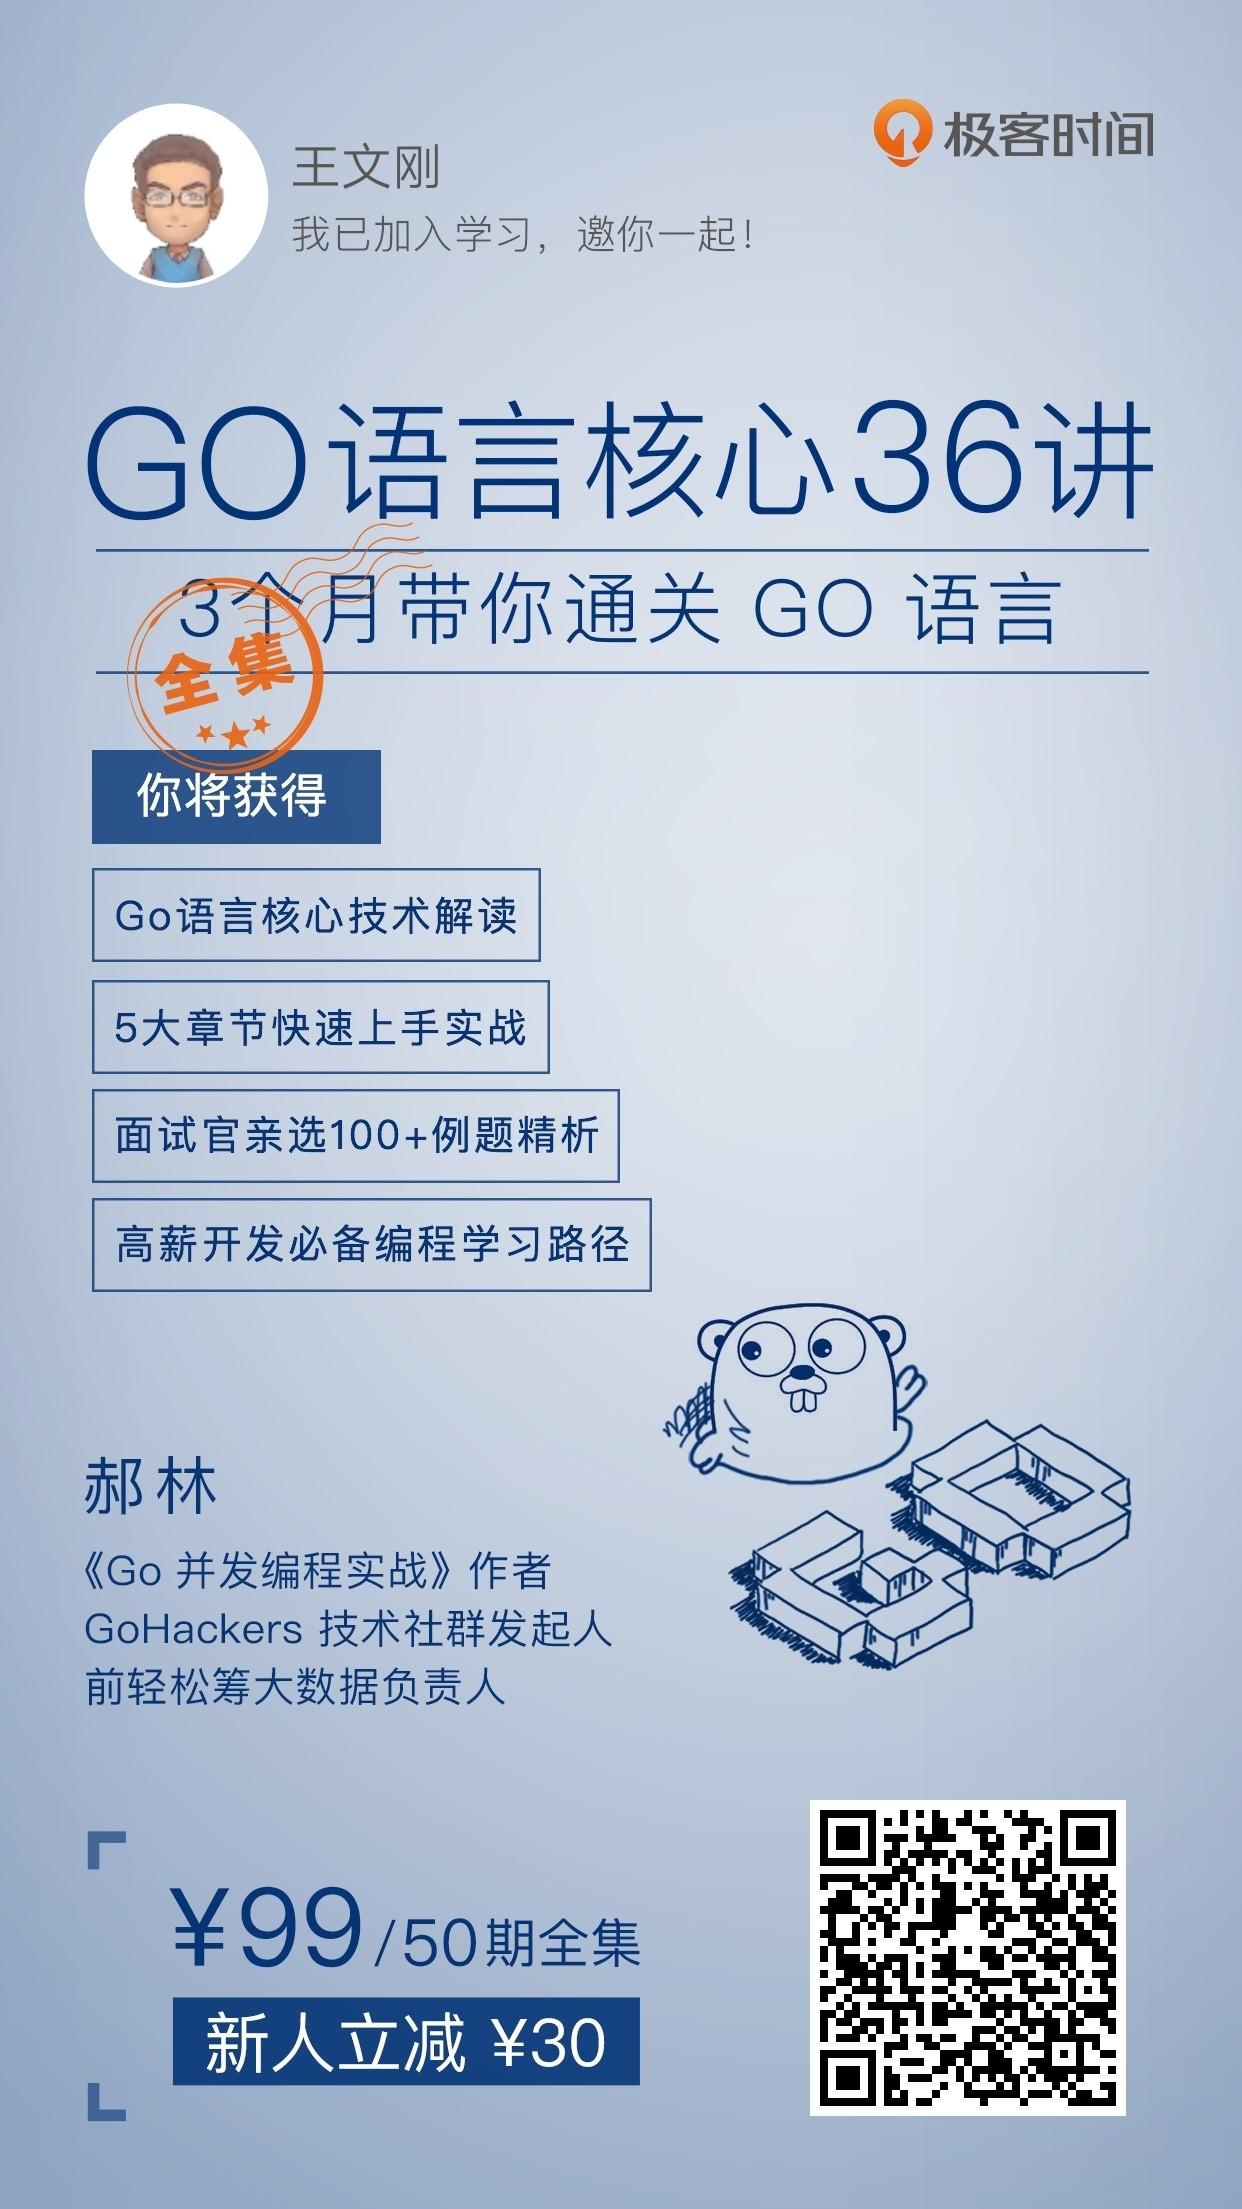 《极客时间》 -《Go语言核心36讲》 拼团